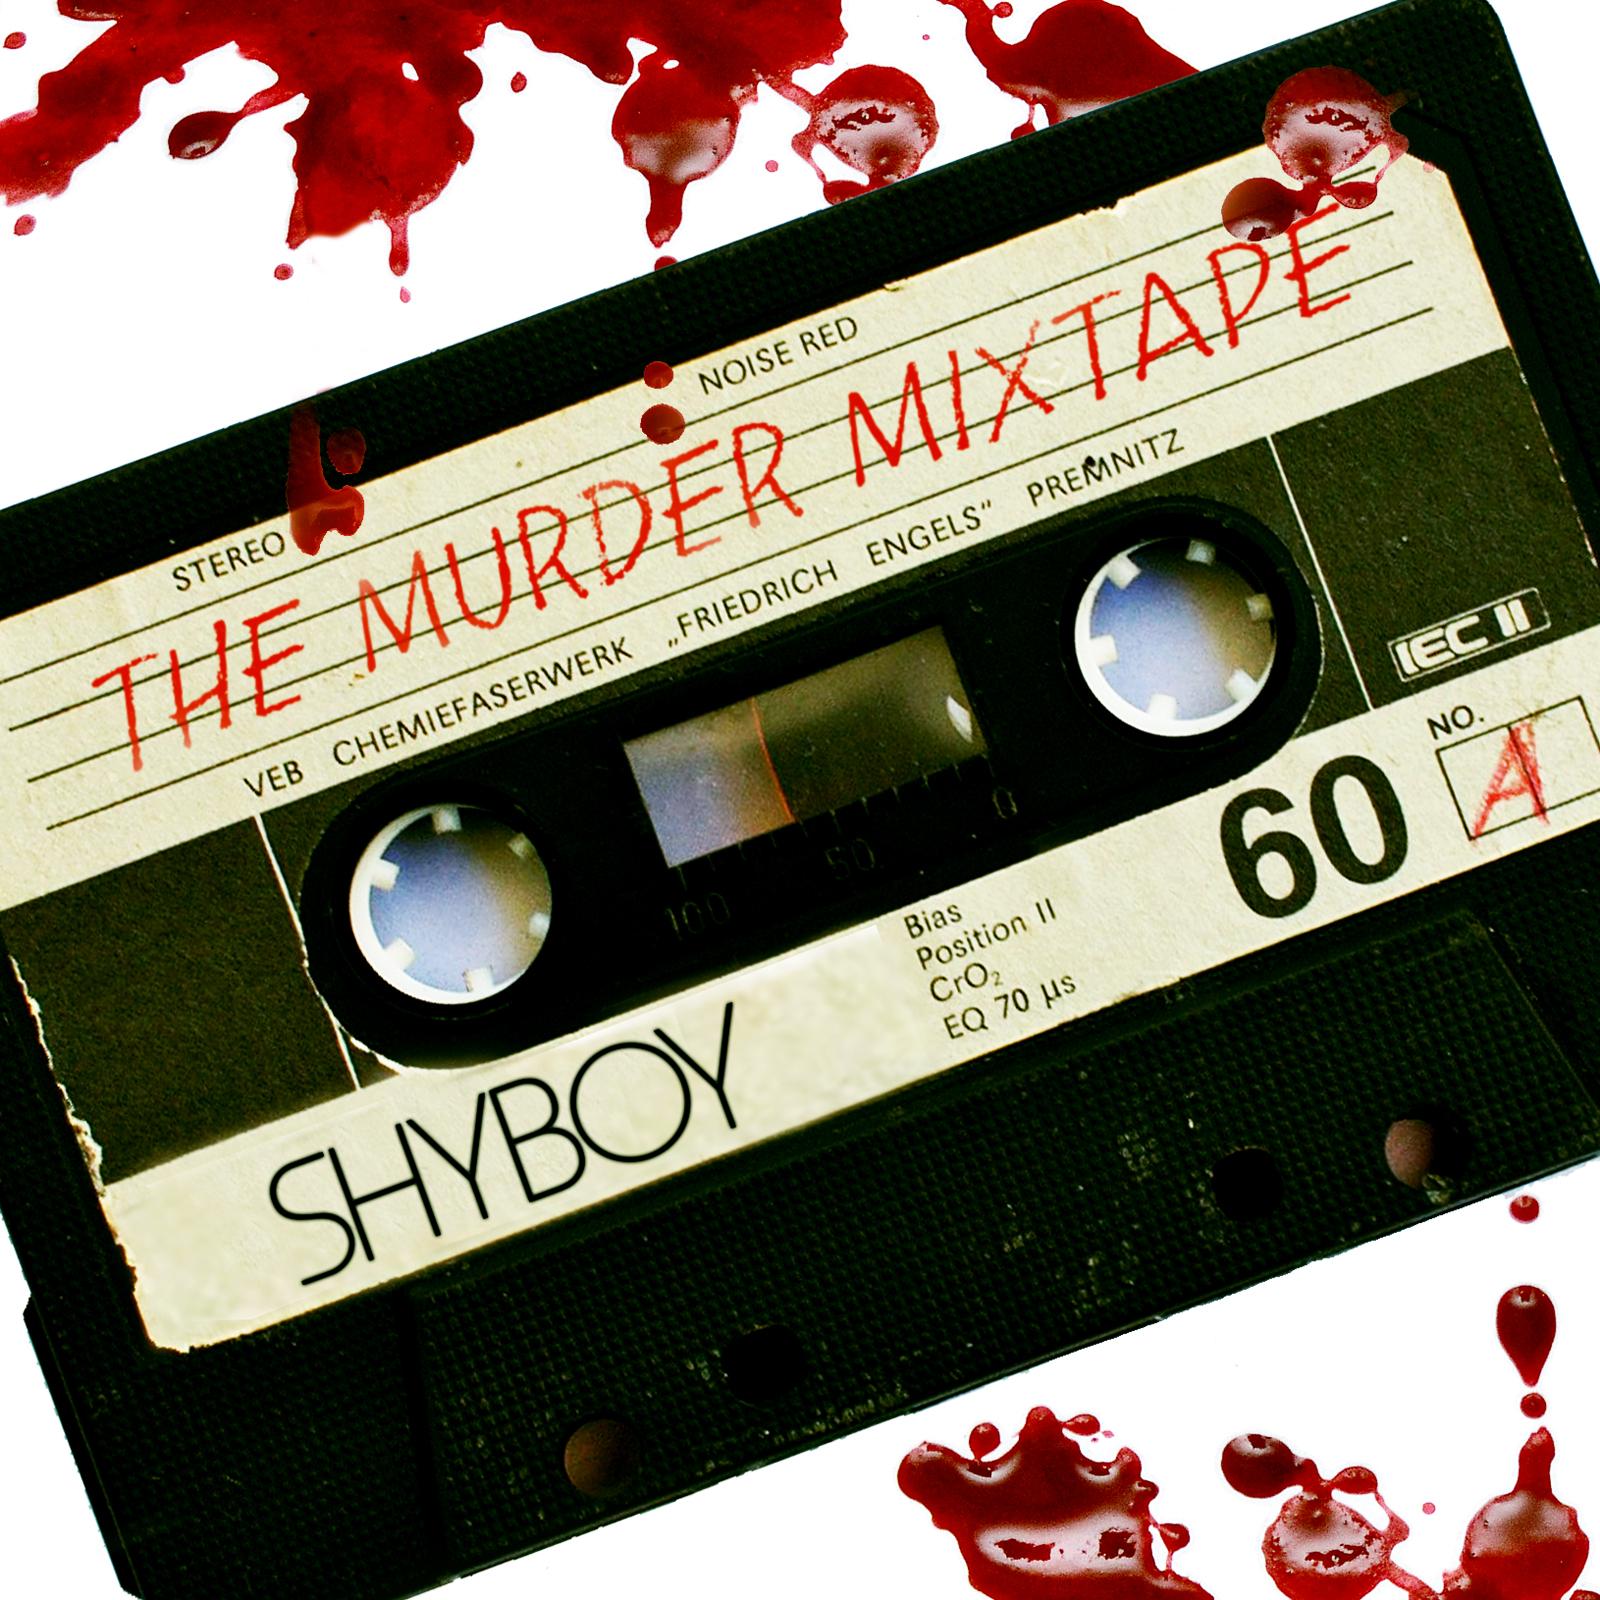 The Murder Mixtape Art.jpg